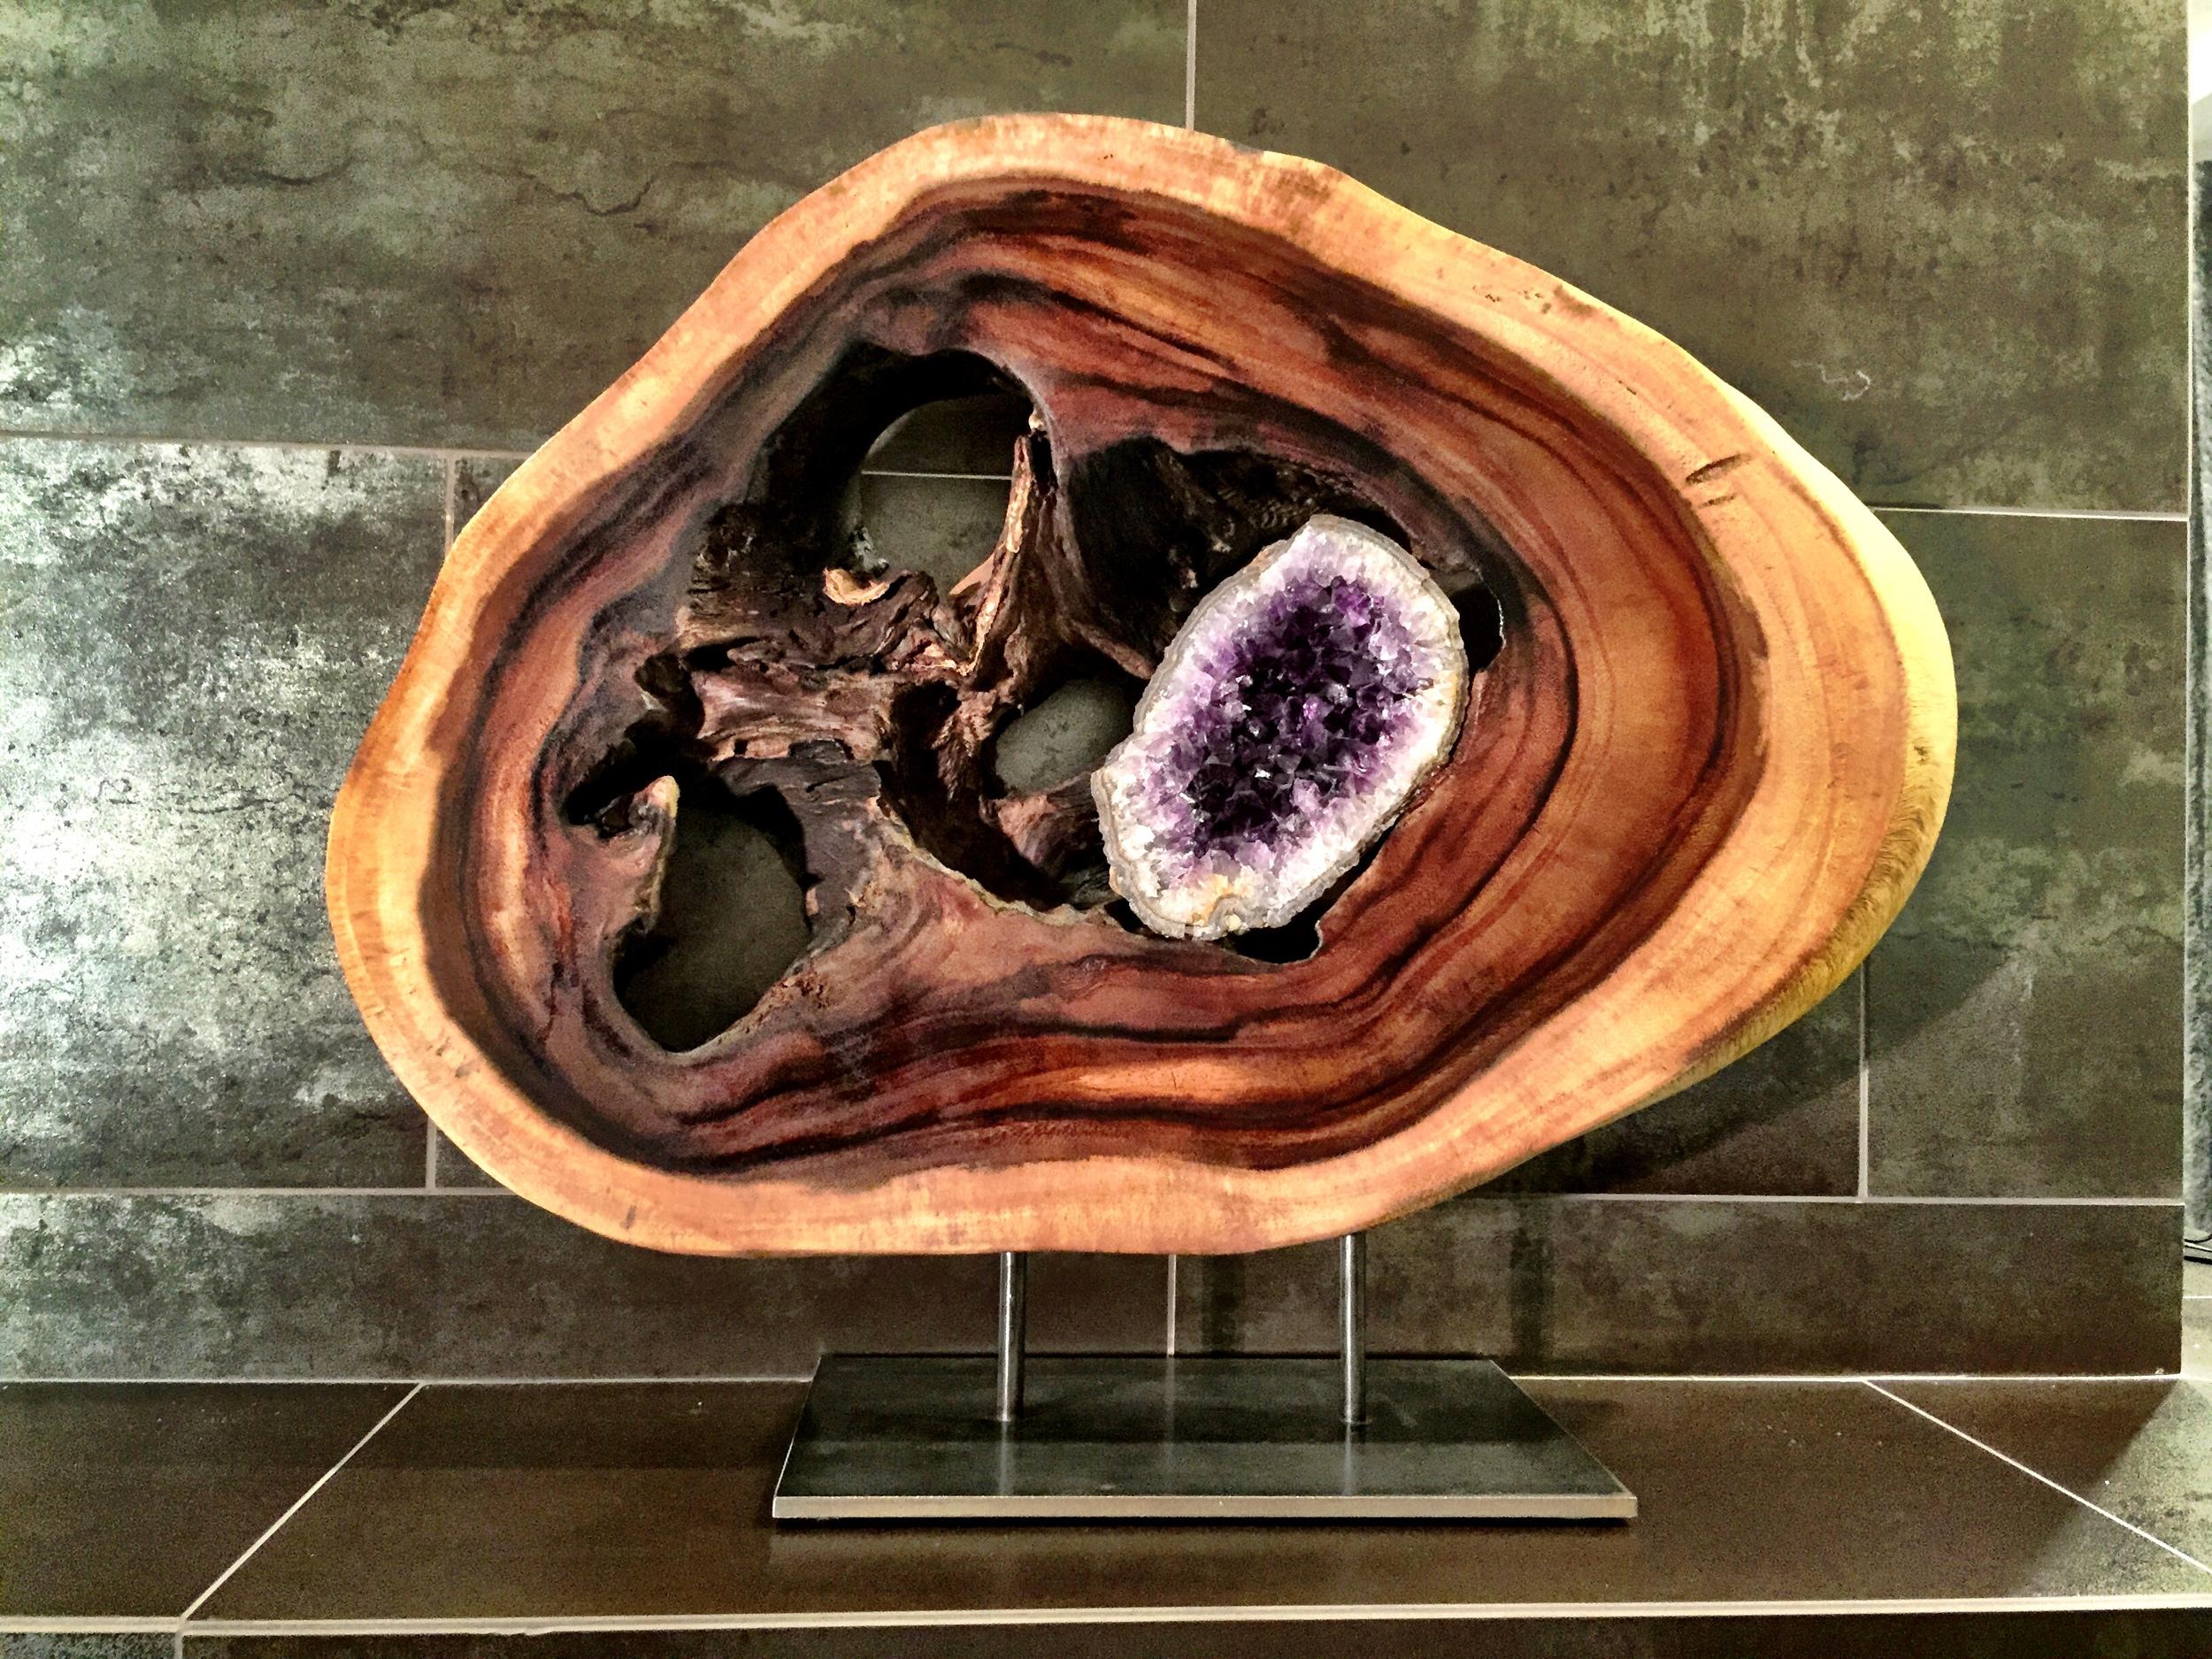 Third Eye_Acacia Wood_Amethyst_Geode_Steel - 21x22 in - $2900.JPG